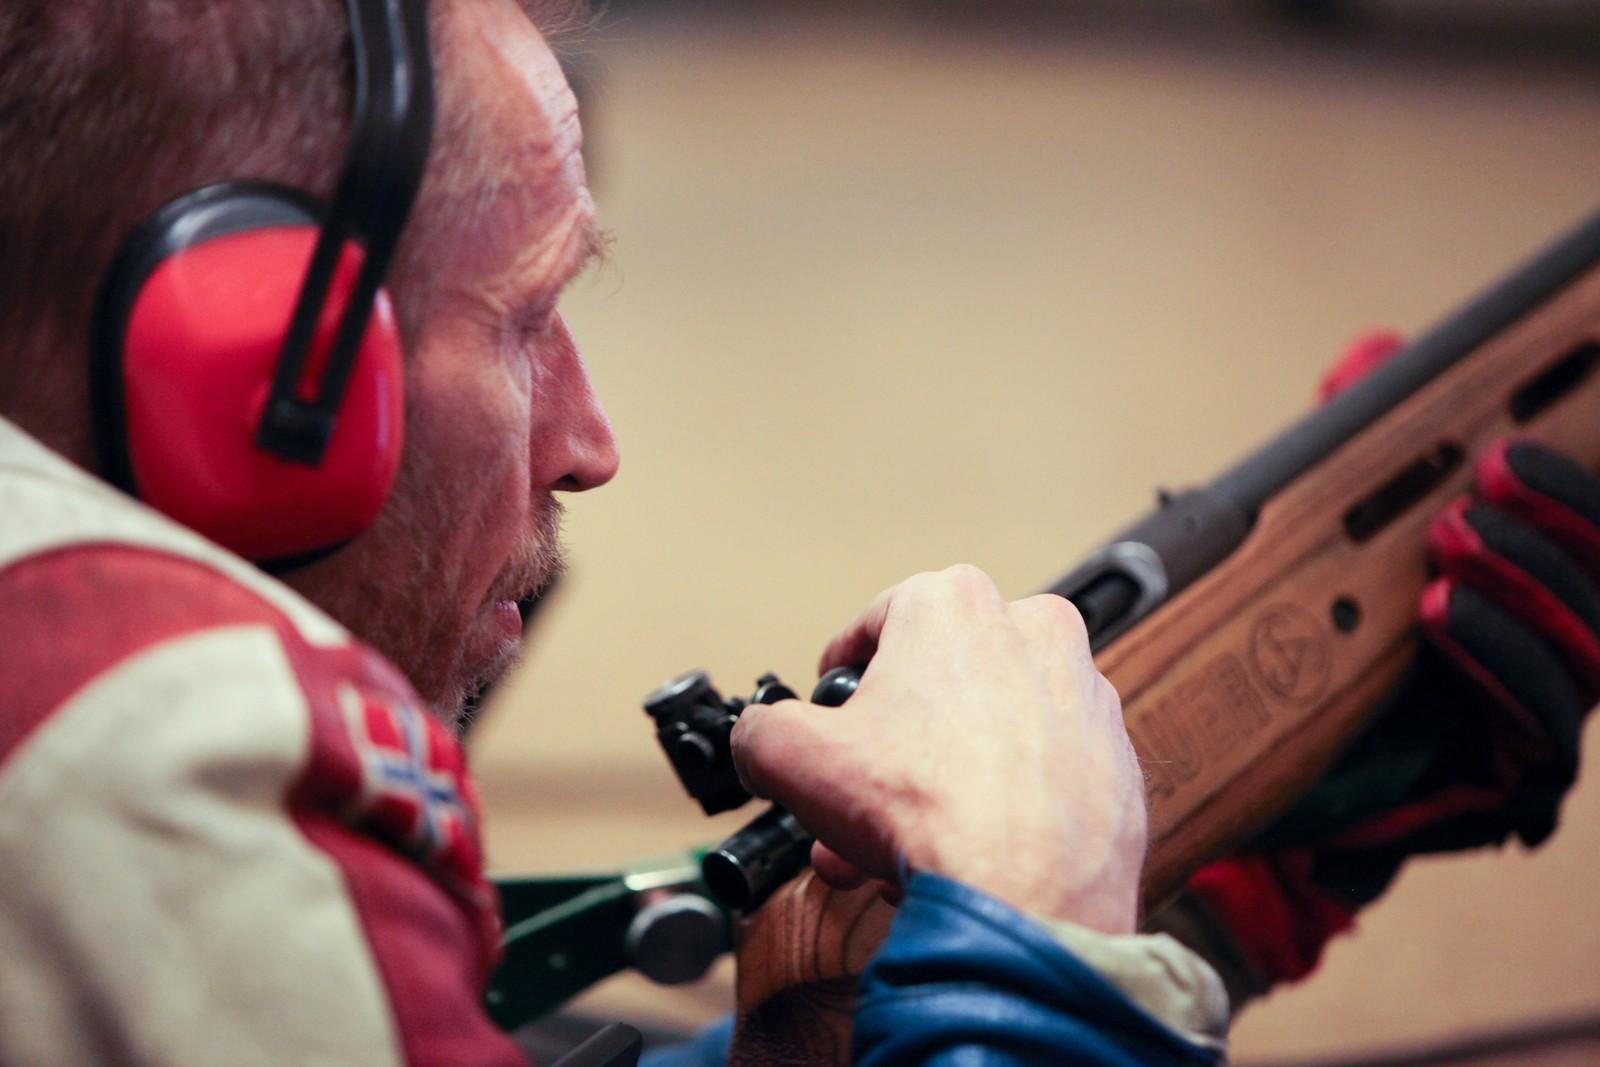 Kjetil Sørbotten er én av over 200 medlemmer av skytterlaget. Som innflytter er han glad for skytterlaget som inngangsport til lokalsamfunnet.